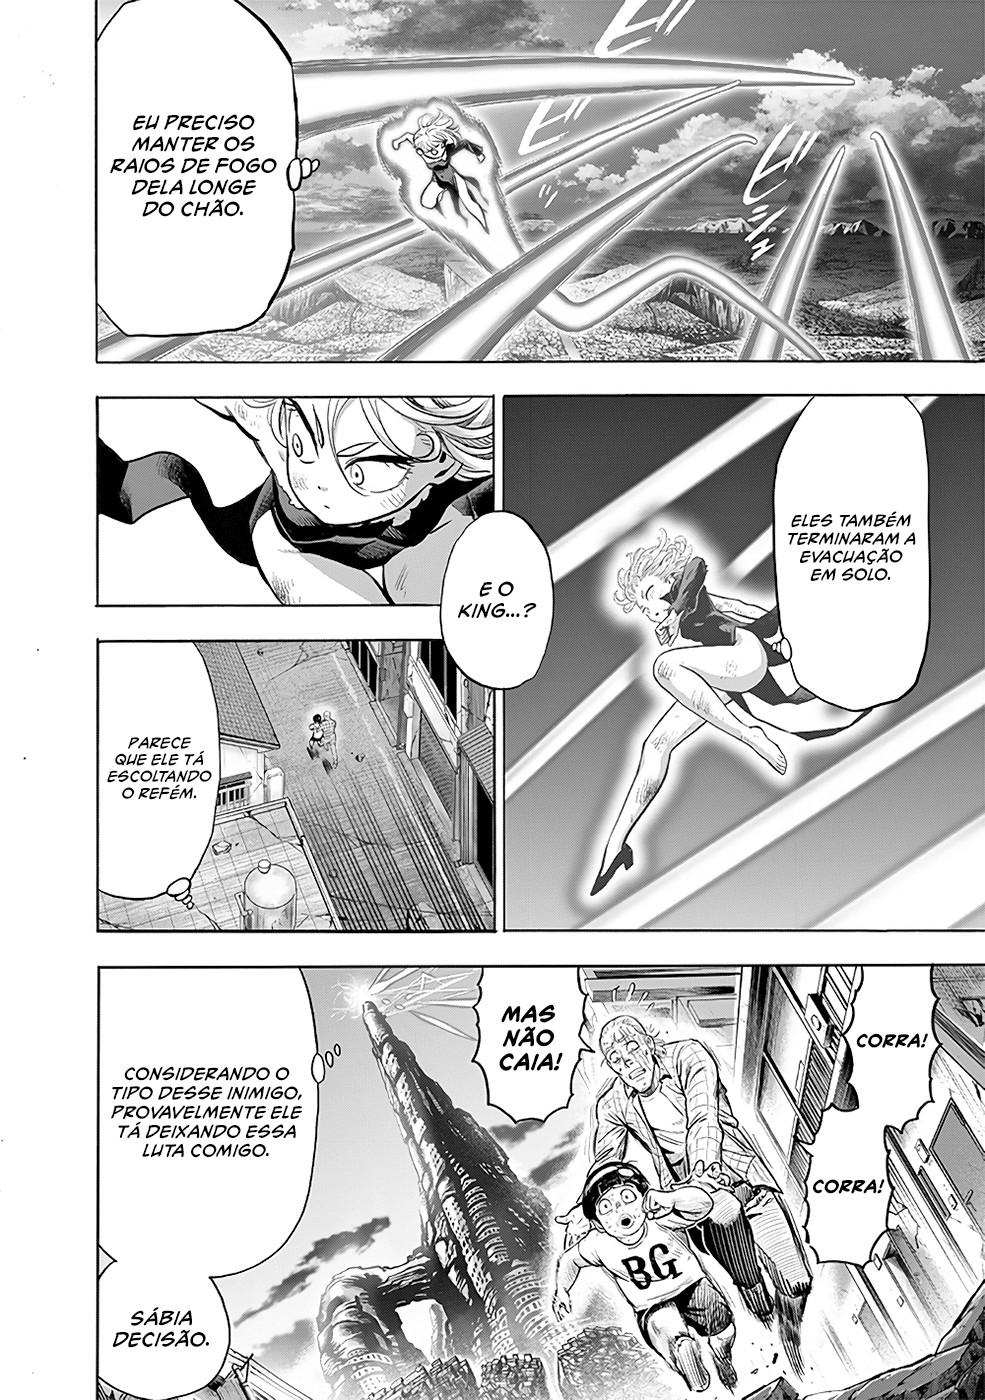 Quem no universo de Naruto seria capaz de derrotar Tatsumaki? - Página 4 0310